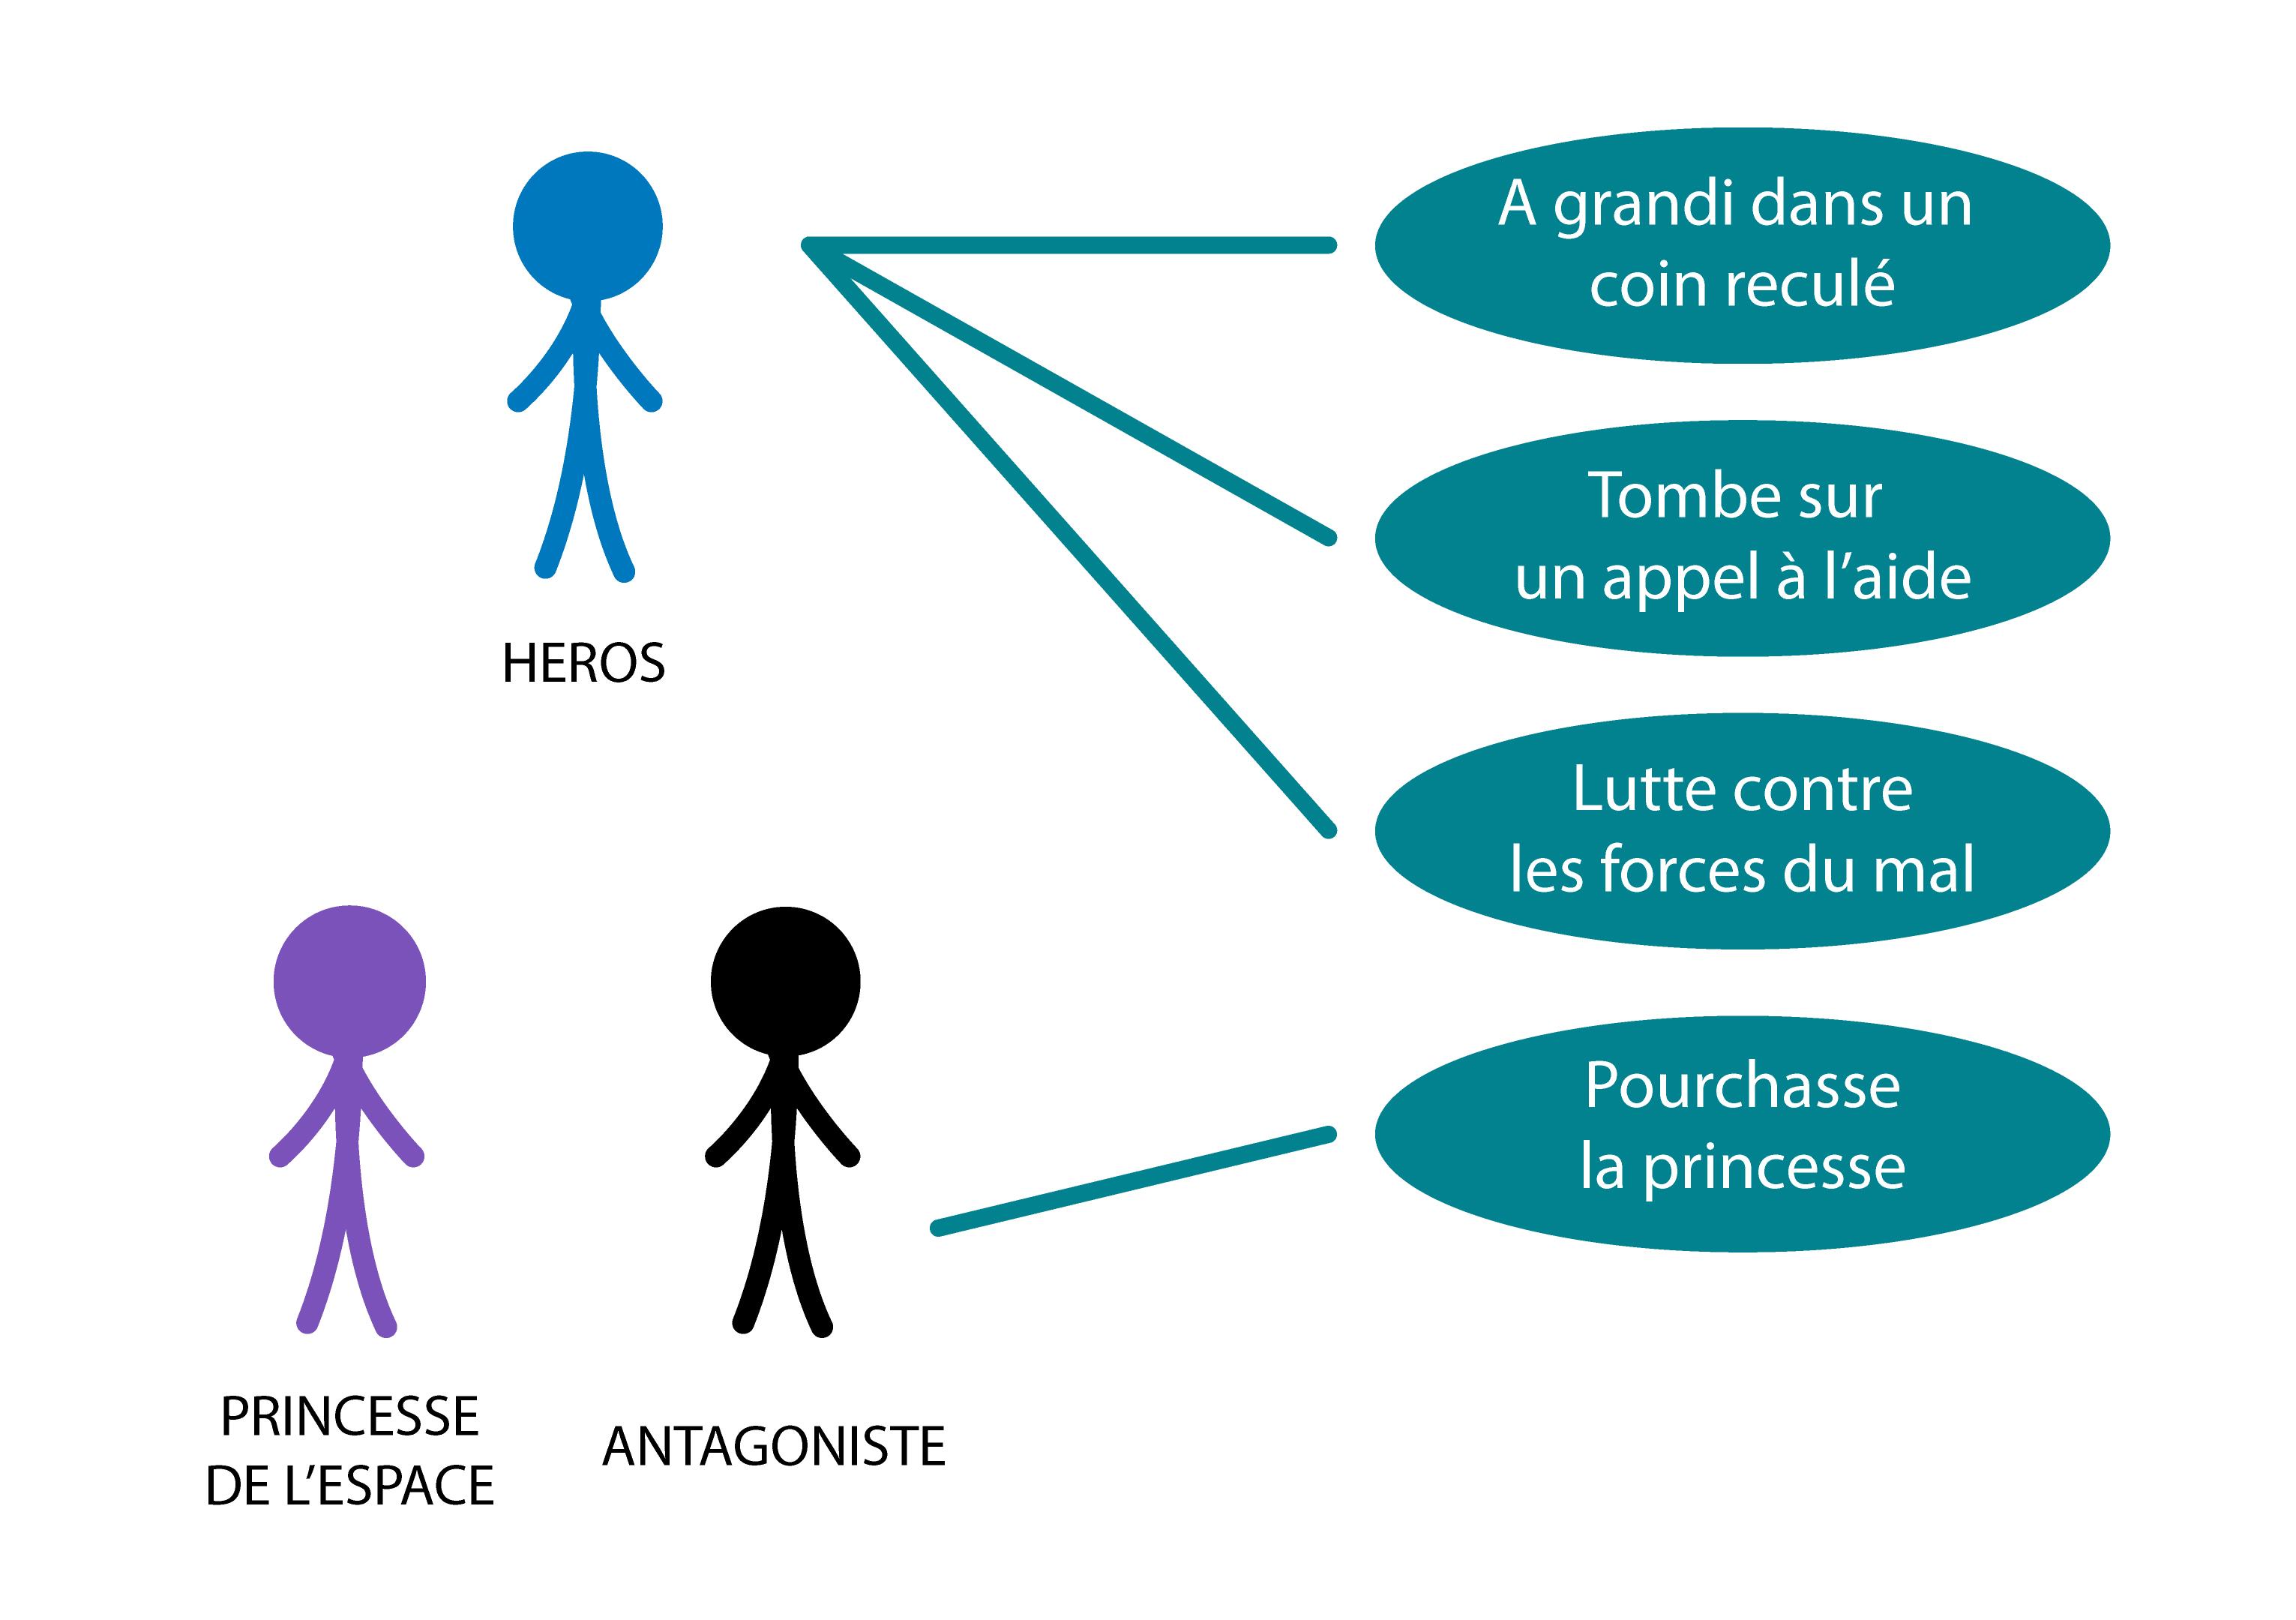 Diagramme représentant les qualités d'un héros et ceux d'autres personnages